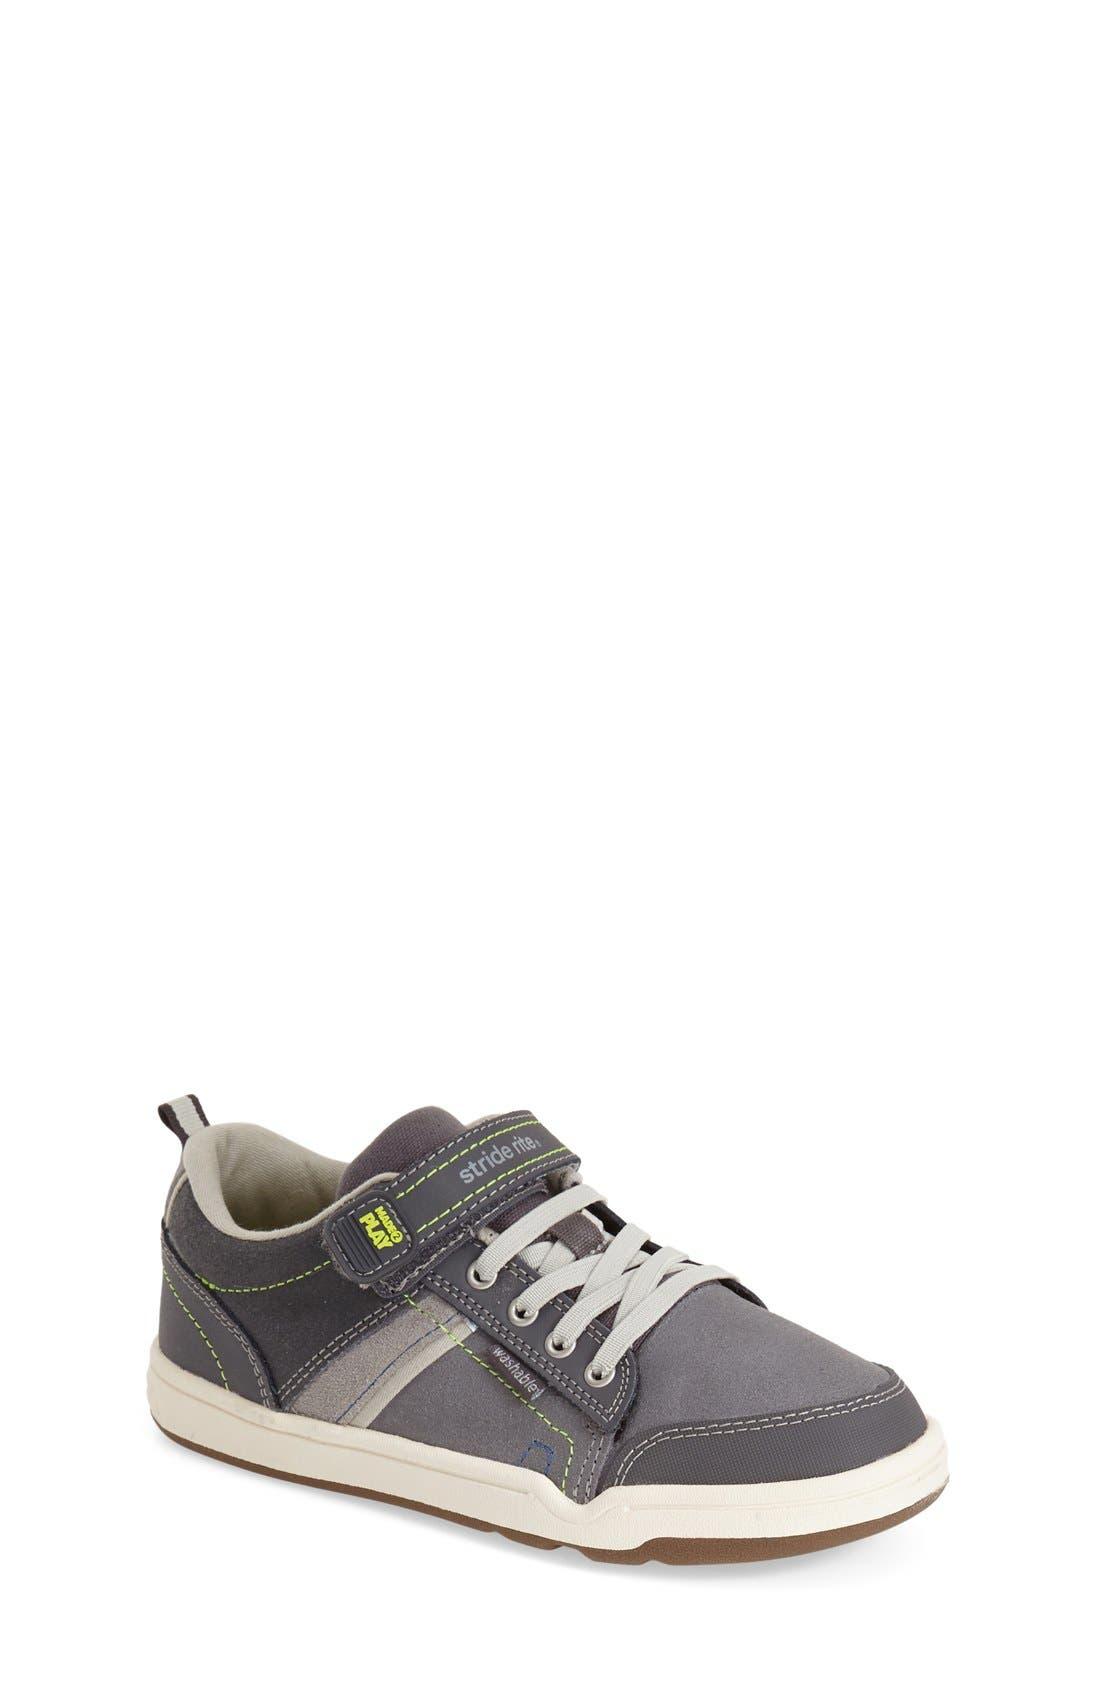 'Made 2 Play<sup>®</sup> Caleb' Sneaker,                             Main thumbnail 1, color,